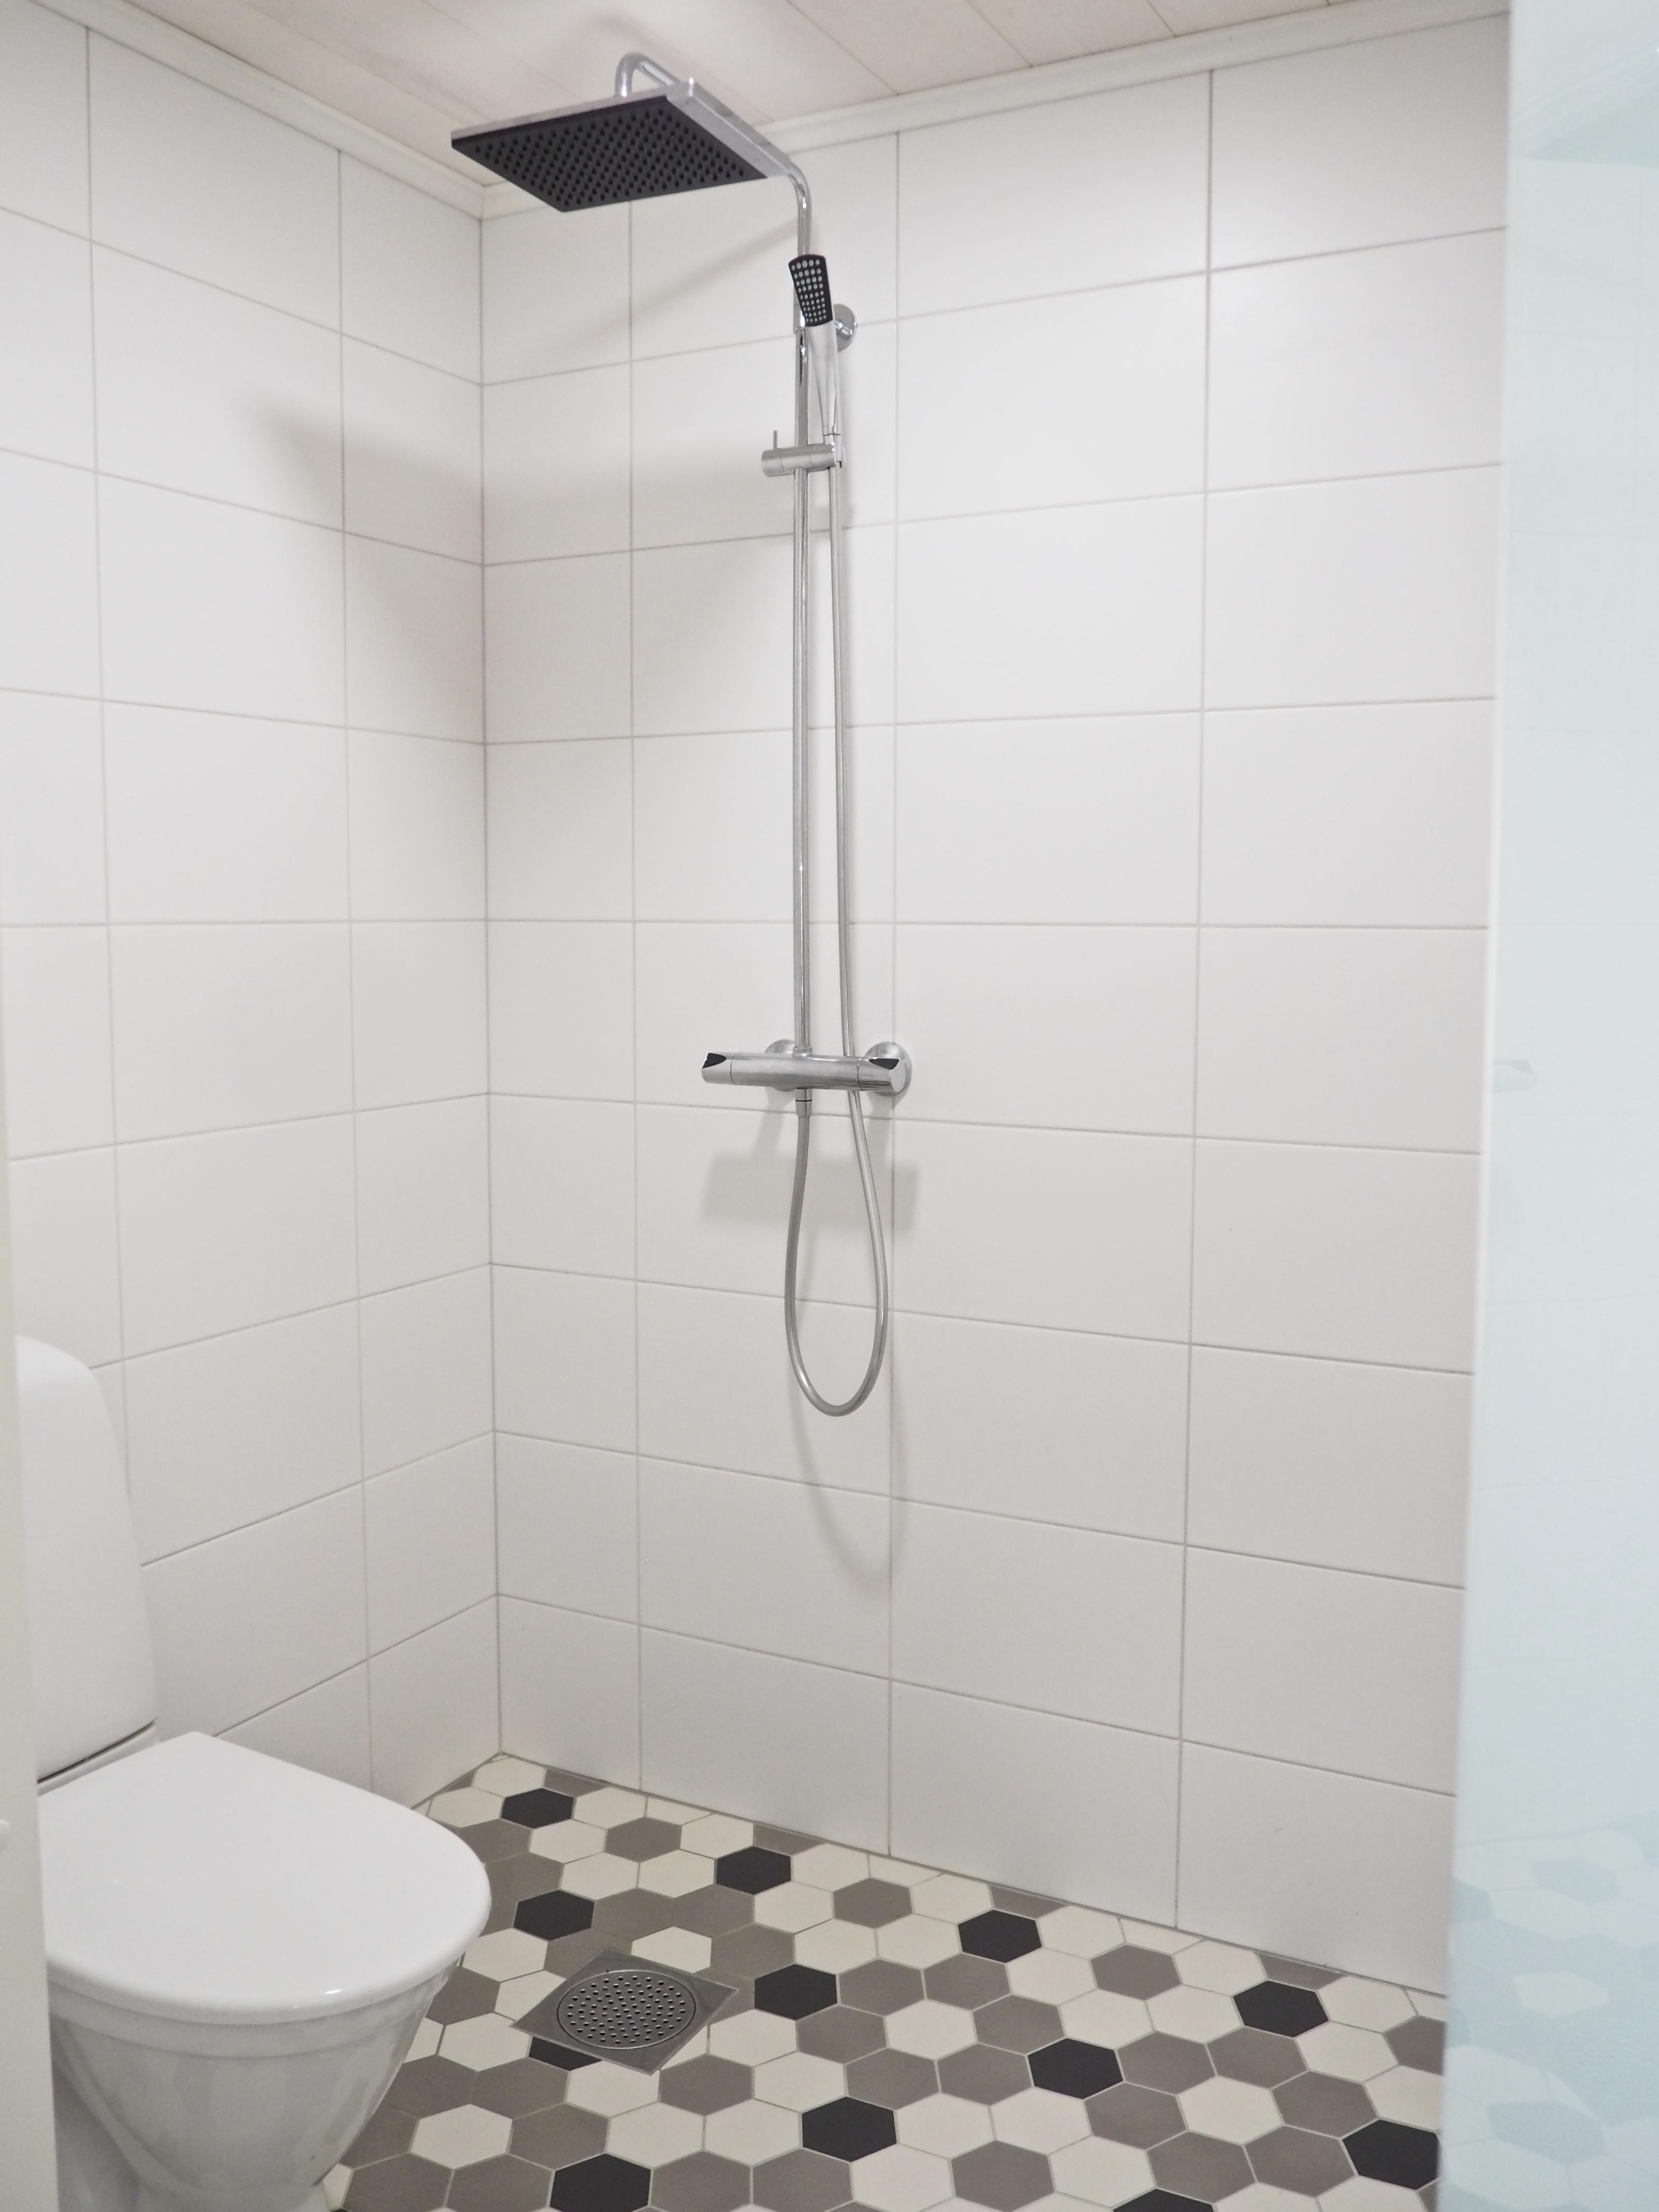 kylpyhuoneen sisustus